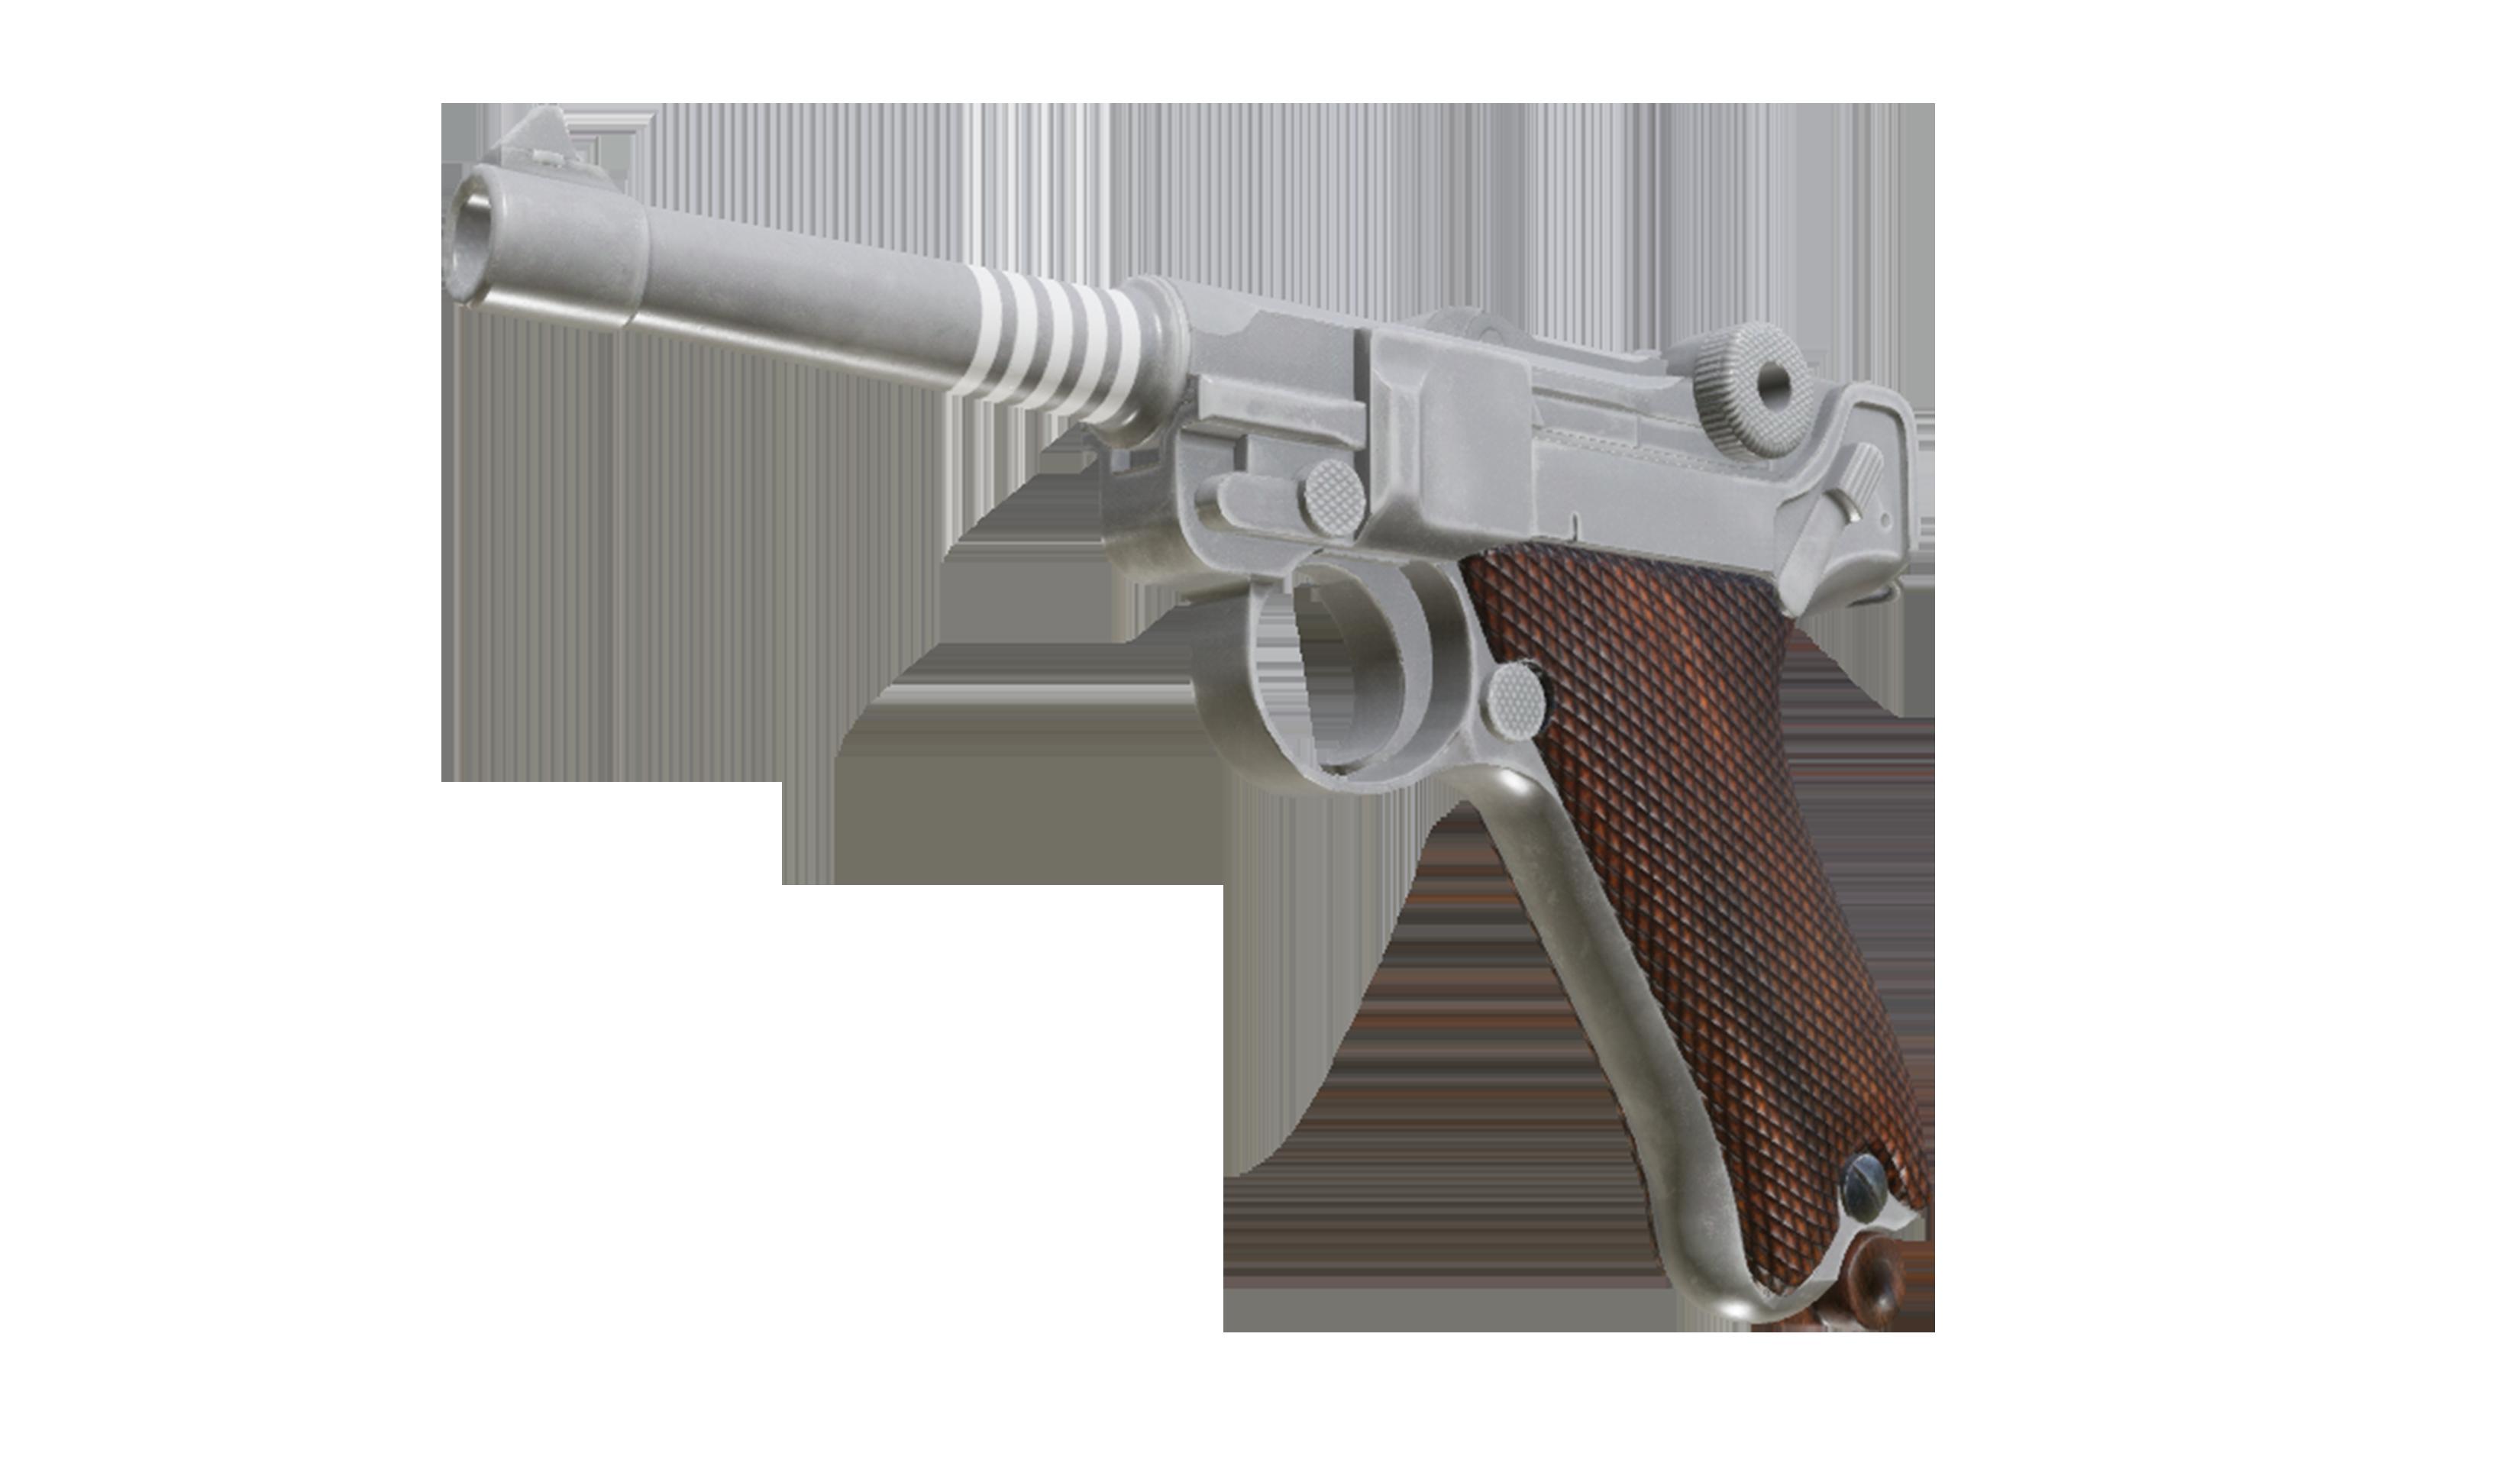 Luger | 88mm